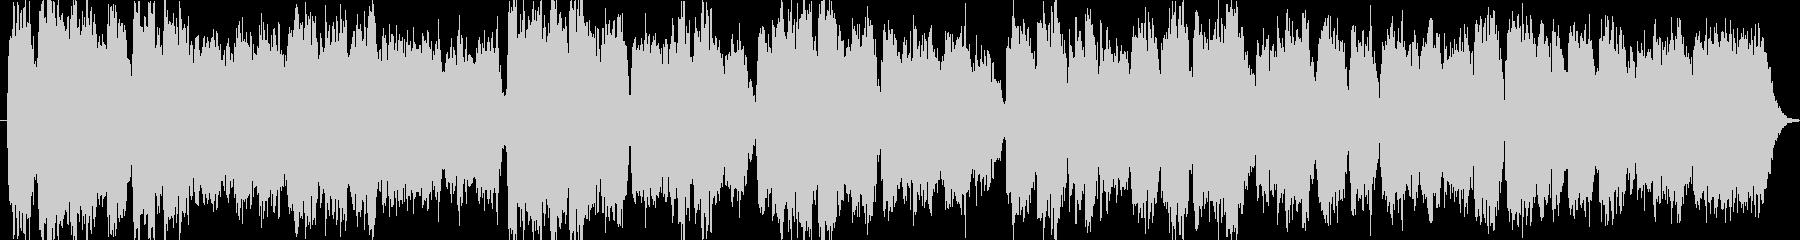 ノスタルジックでせつない木管三重奏です。の未再生の波形